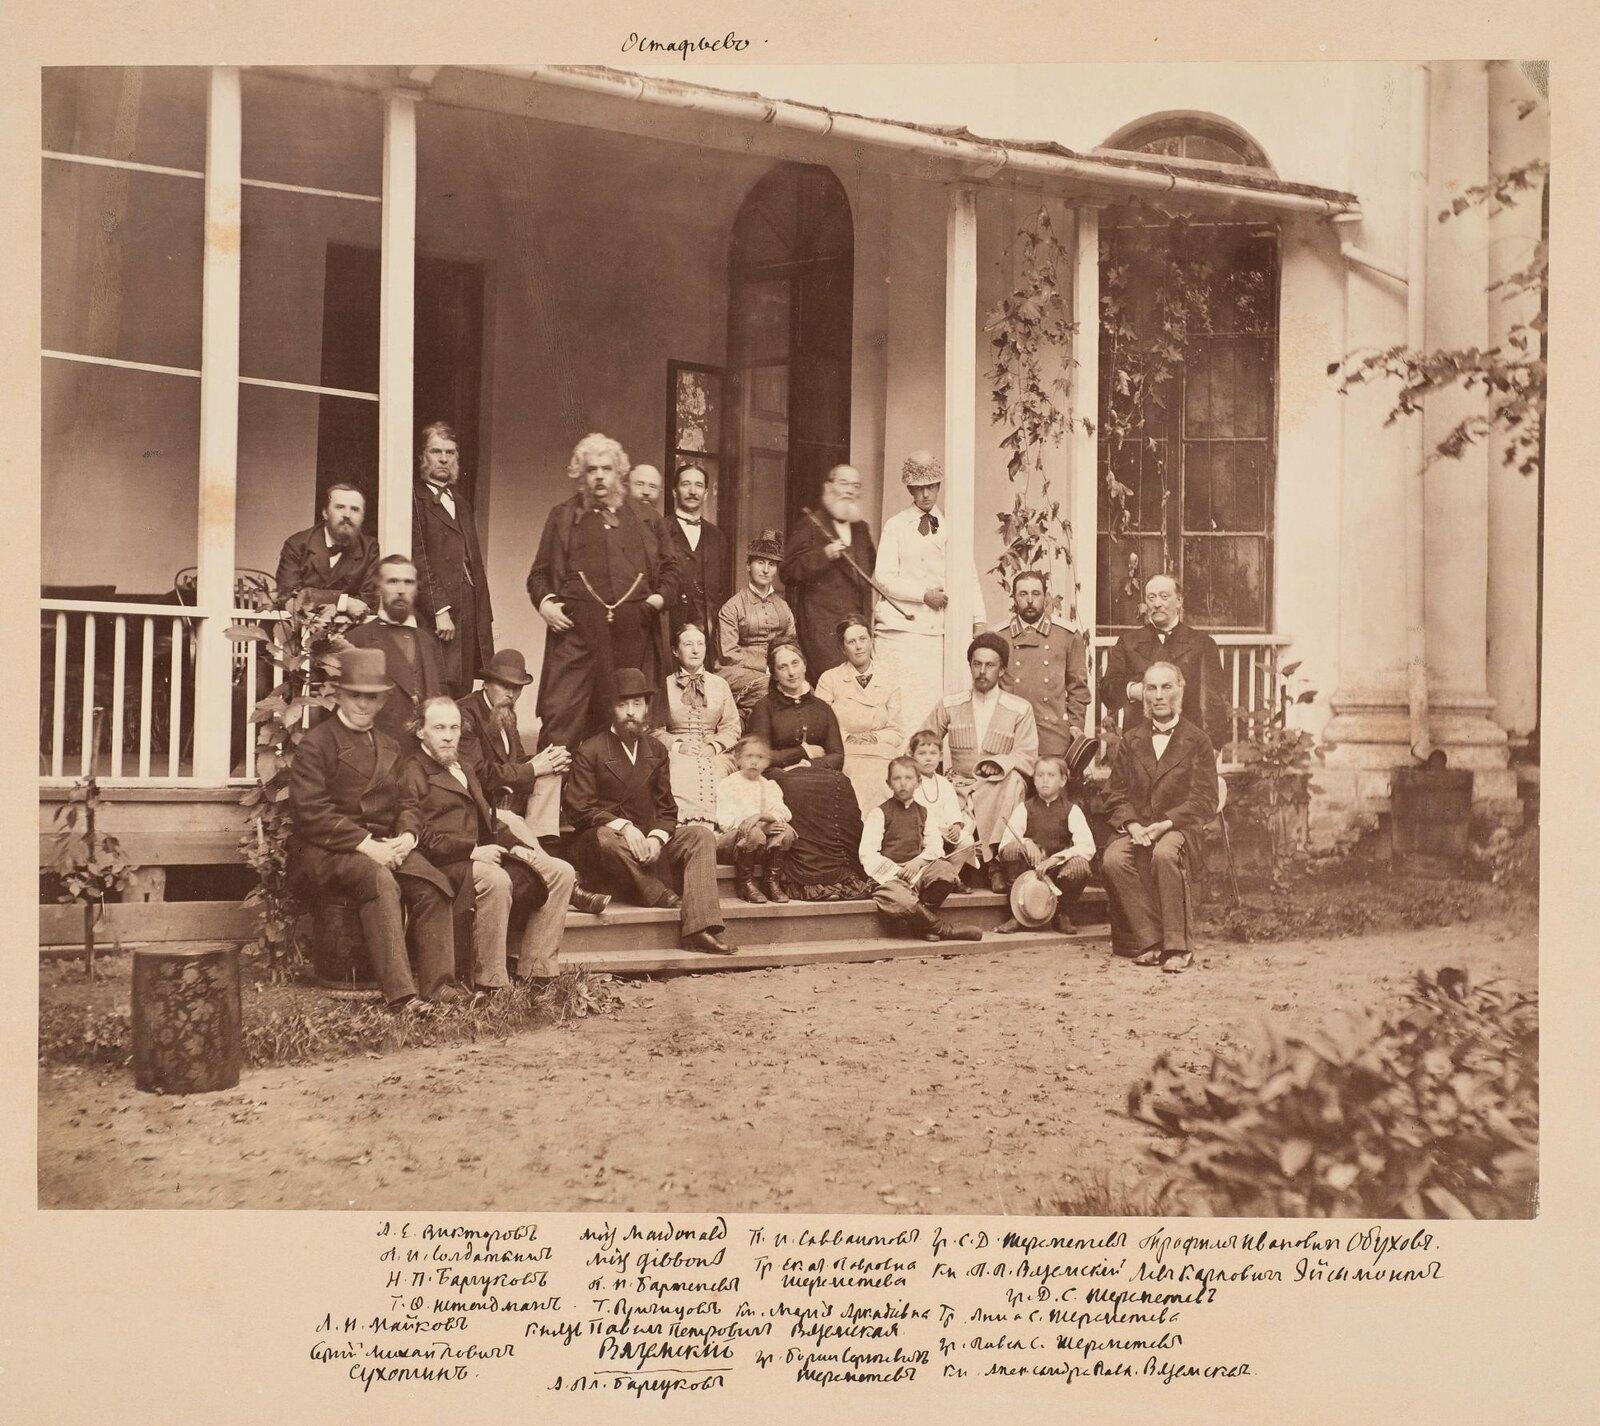 1888. Князь П.П. Вяземский в окружении родственников и друзей на террасе дома в Остафьеве